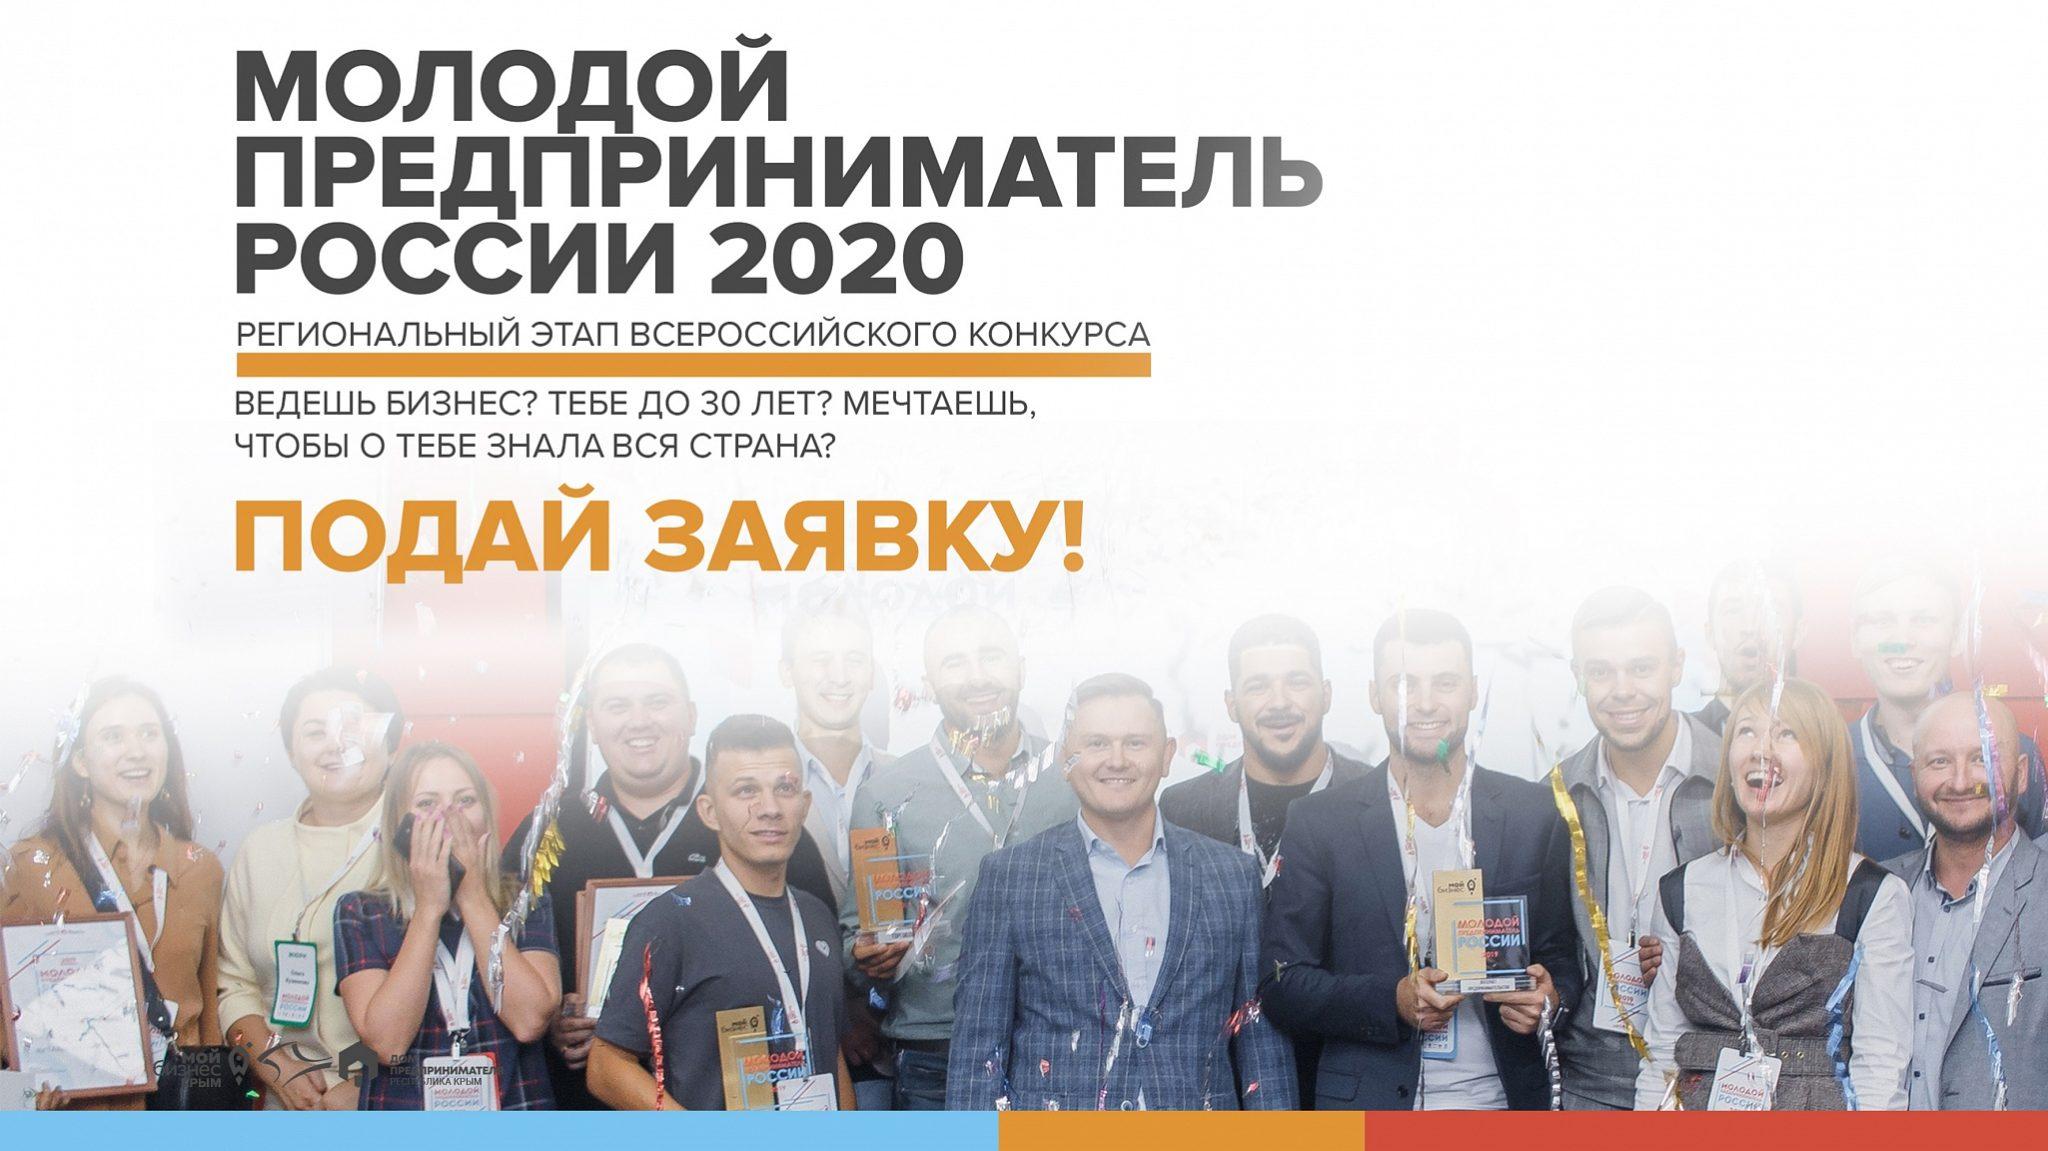 Подай заявку на конкурс «Молодой предприниматель России-2020»